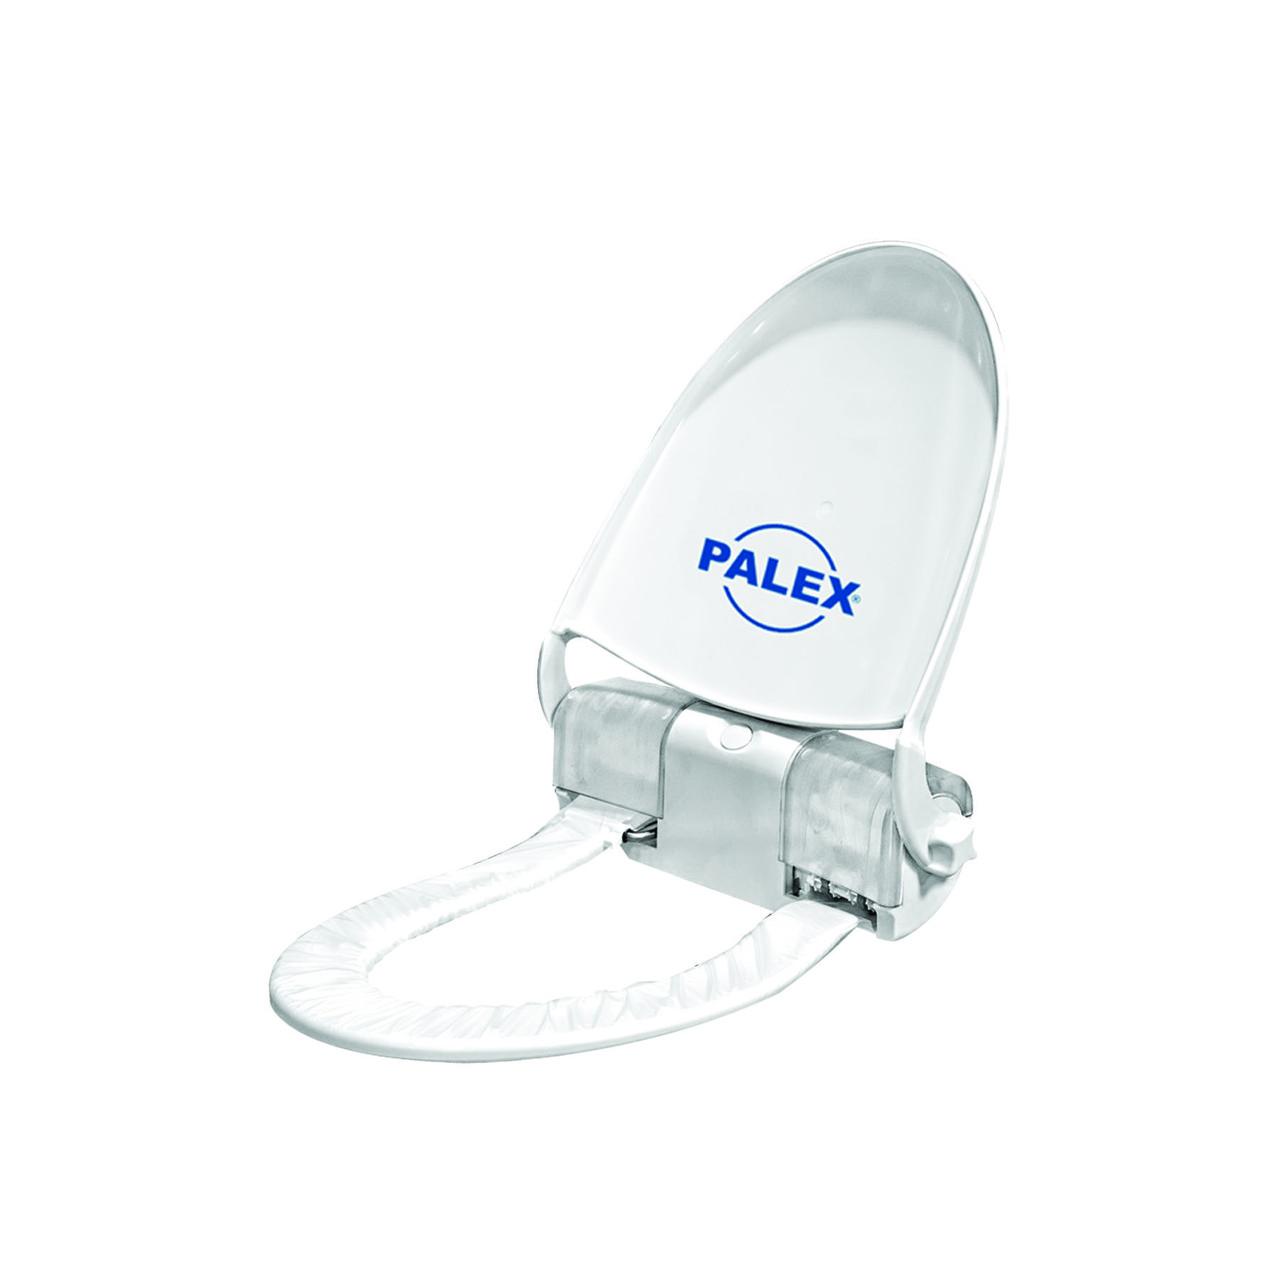 Гигиенический сенсорный диспенсер накладок унитаза